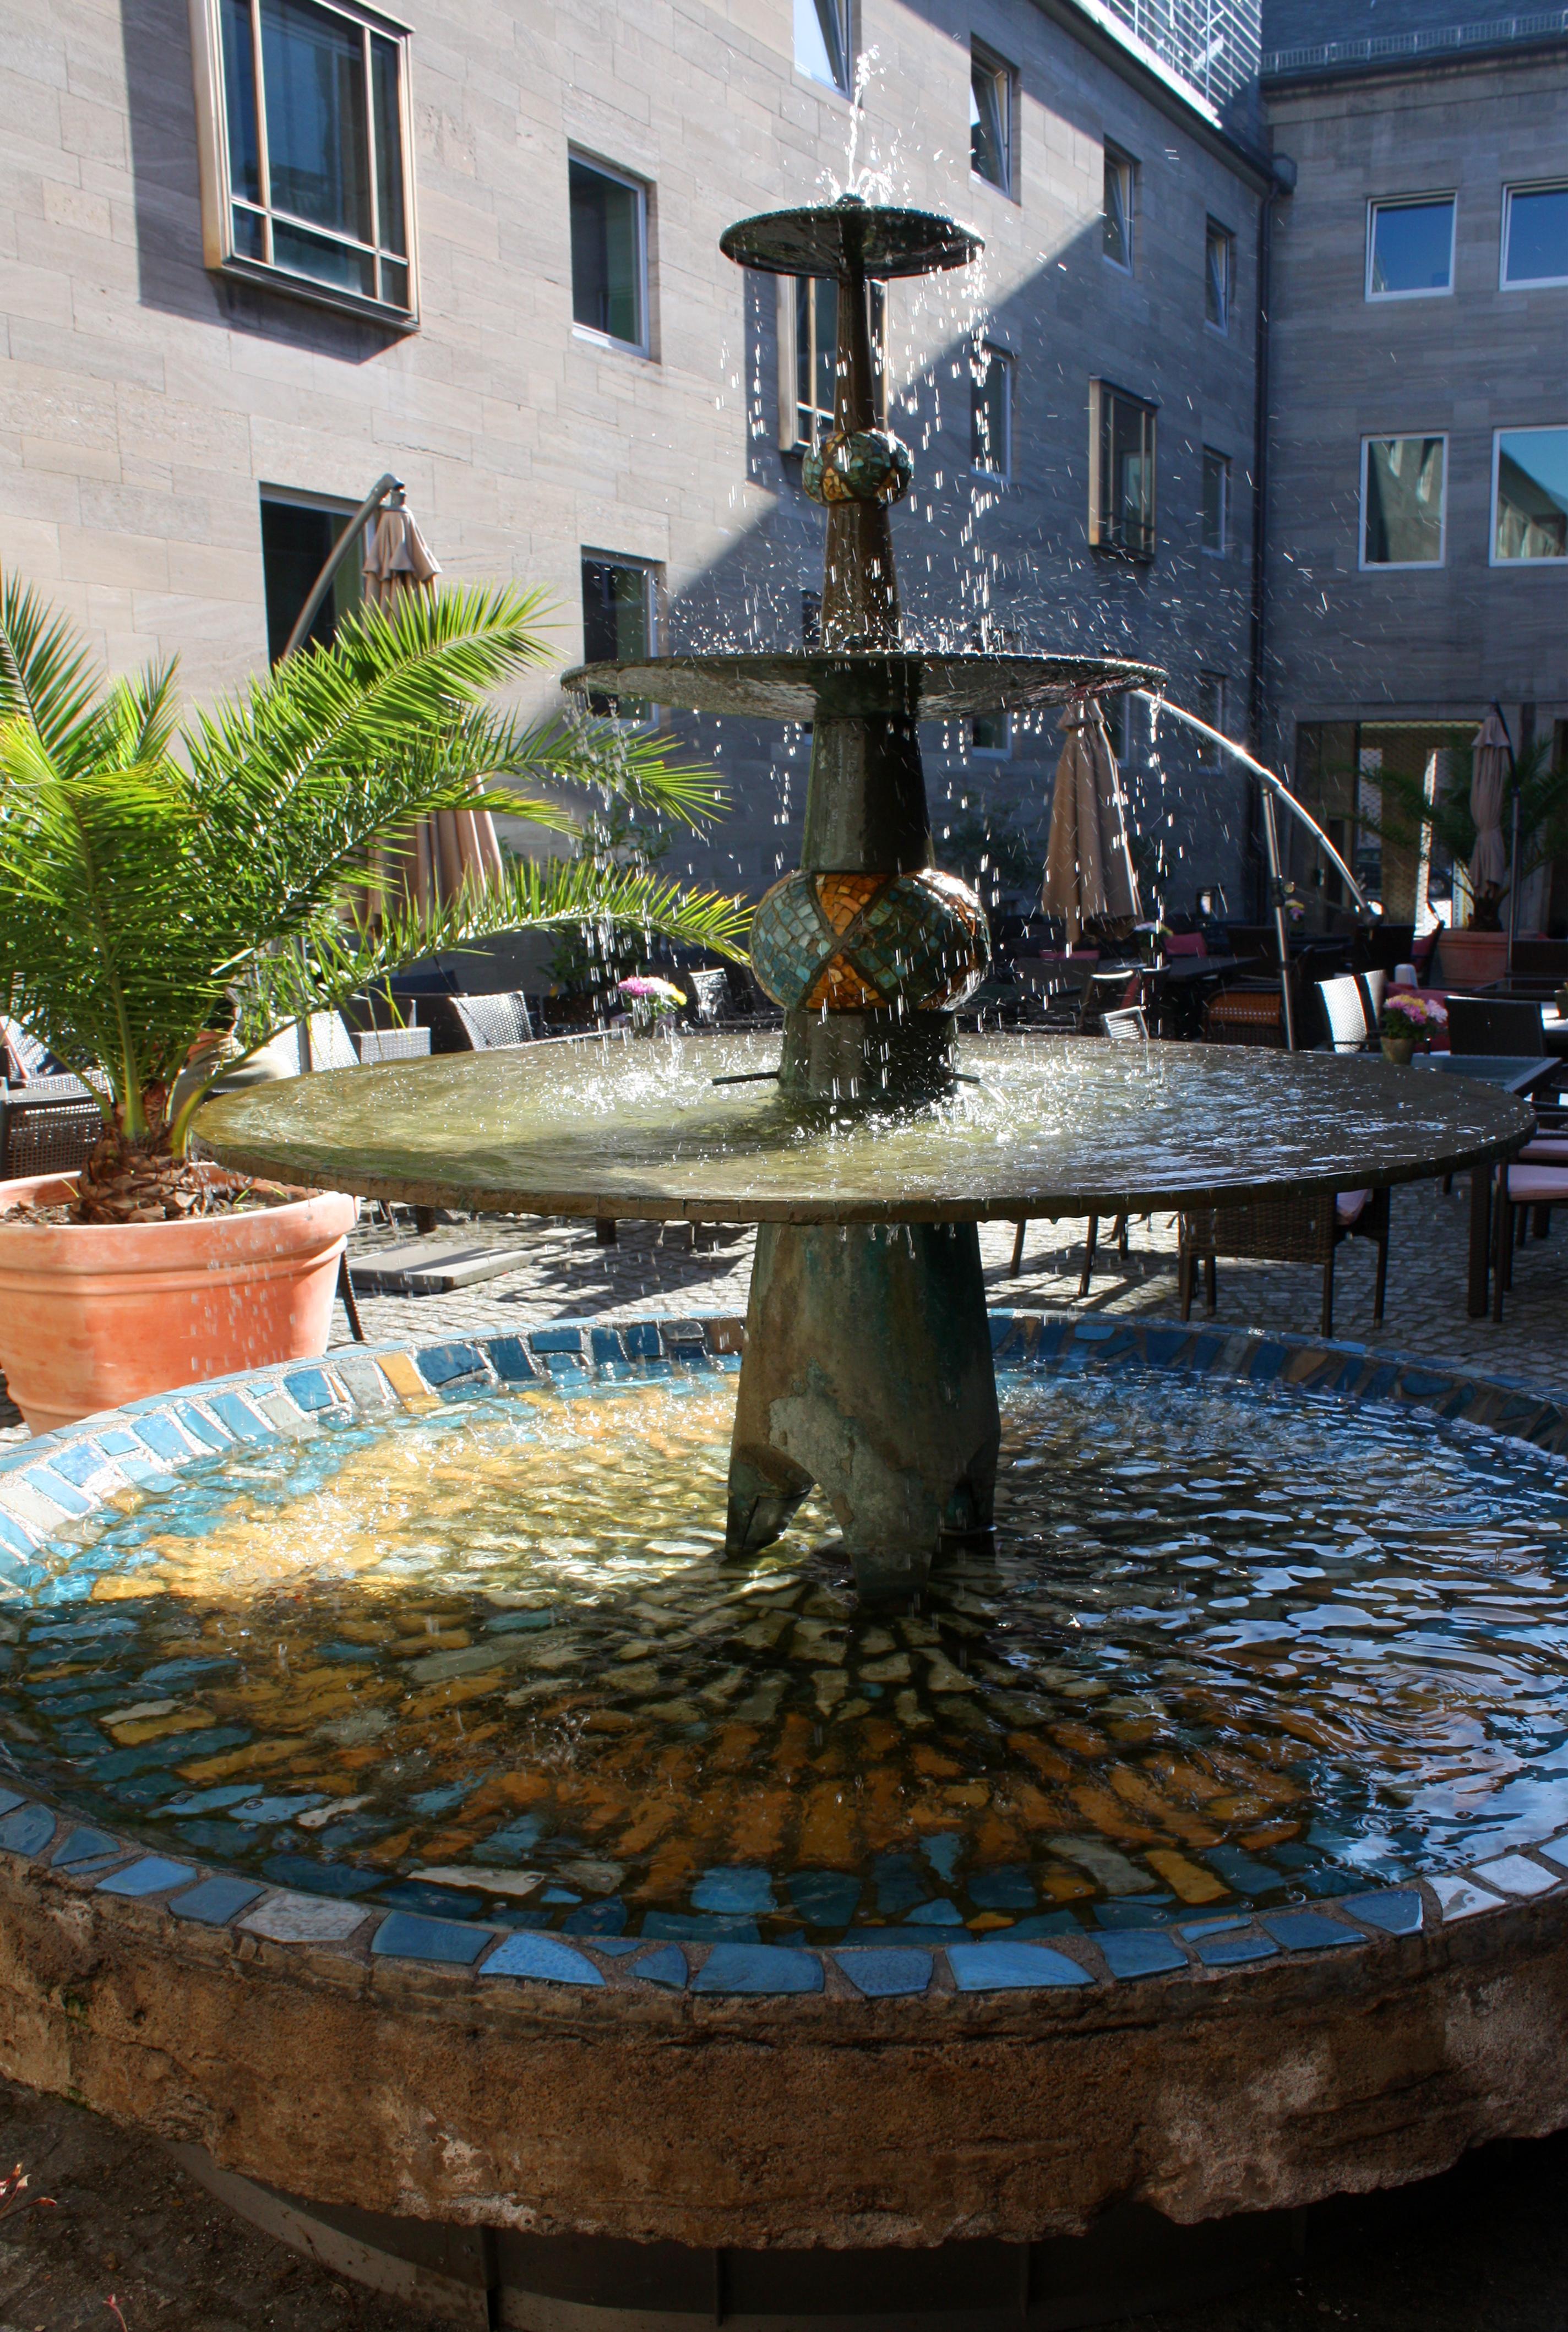 Spanischer Innenhof datei schalenbrunnen innenhof spanischer bau köln jpg